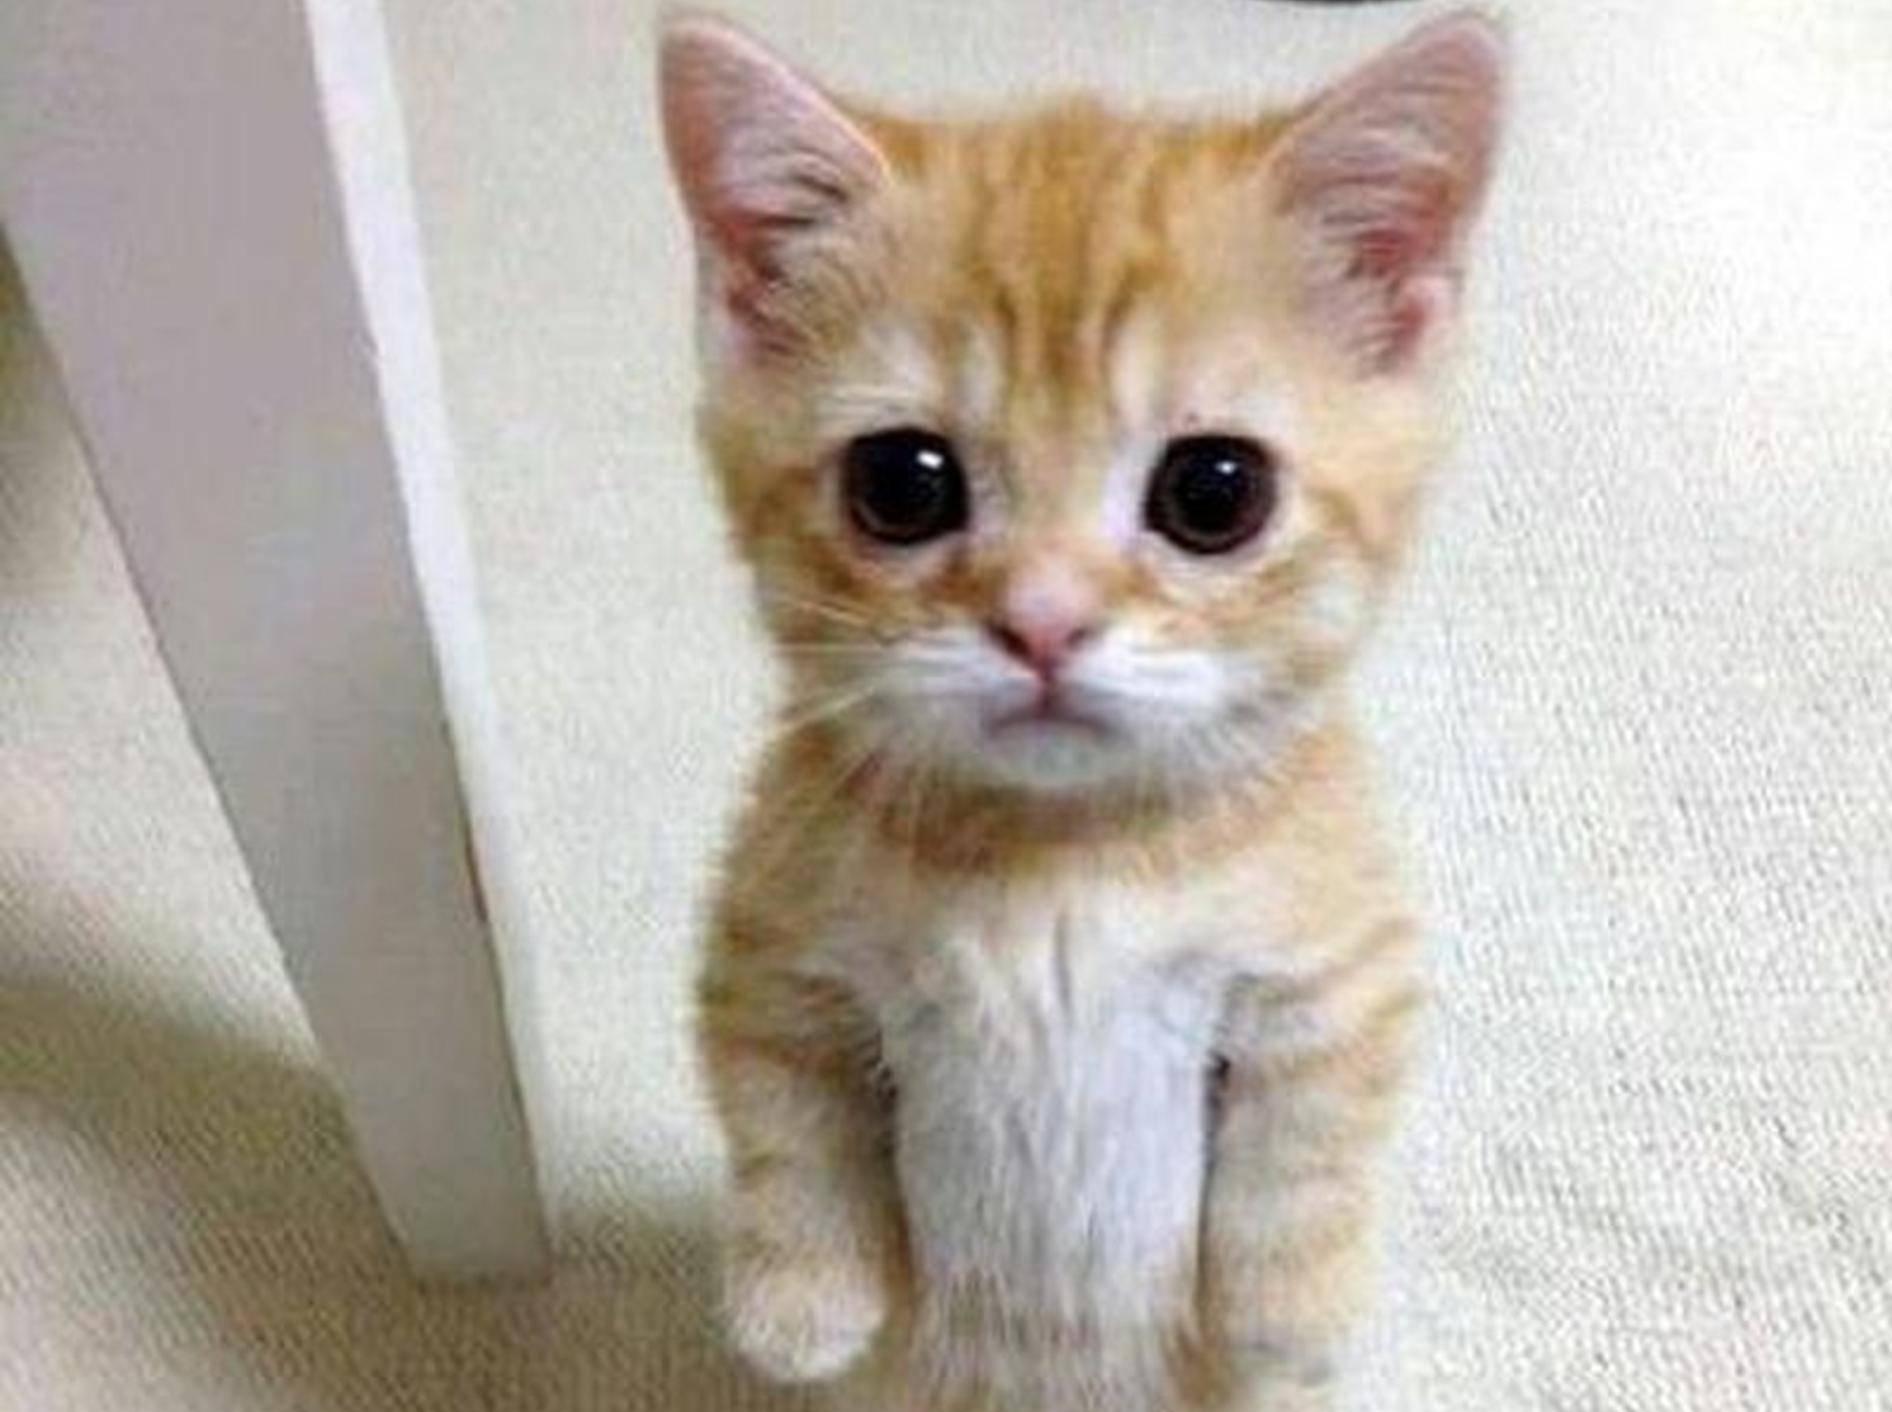 — Facebook / Love Meow